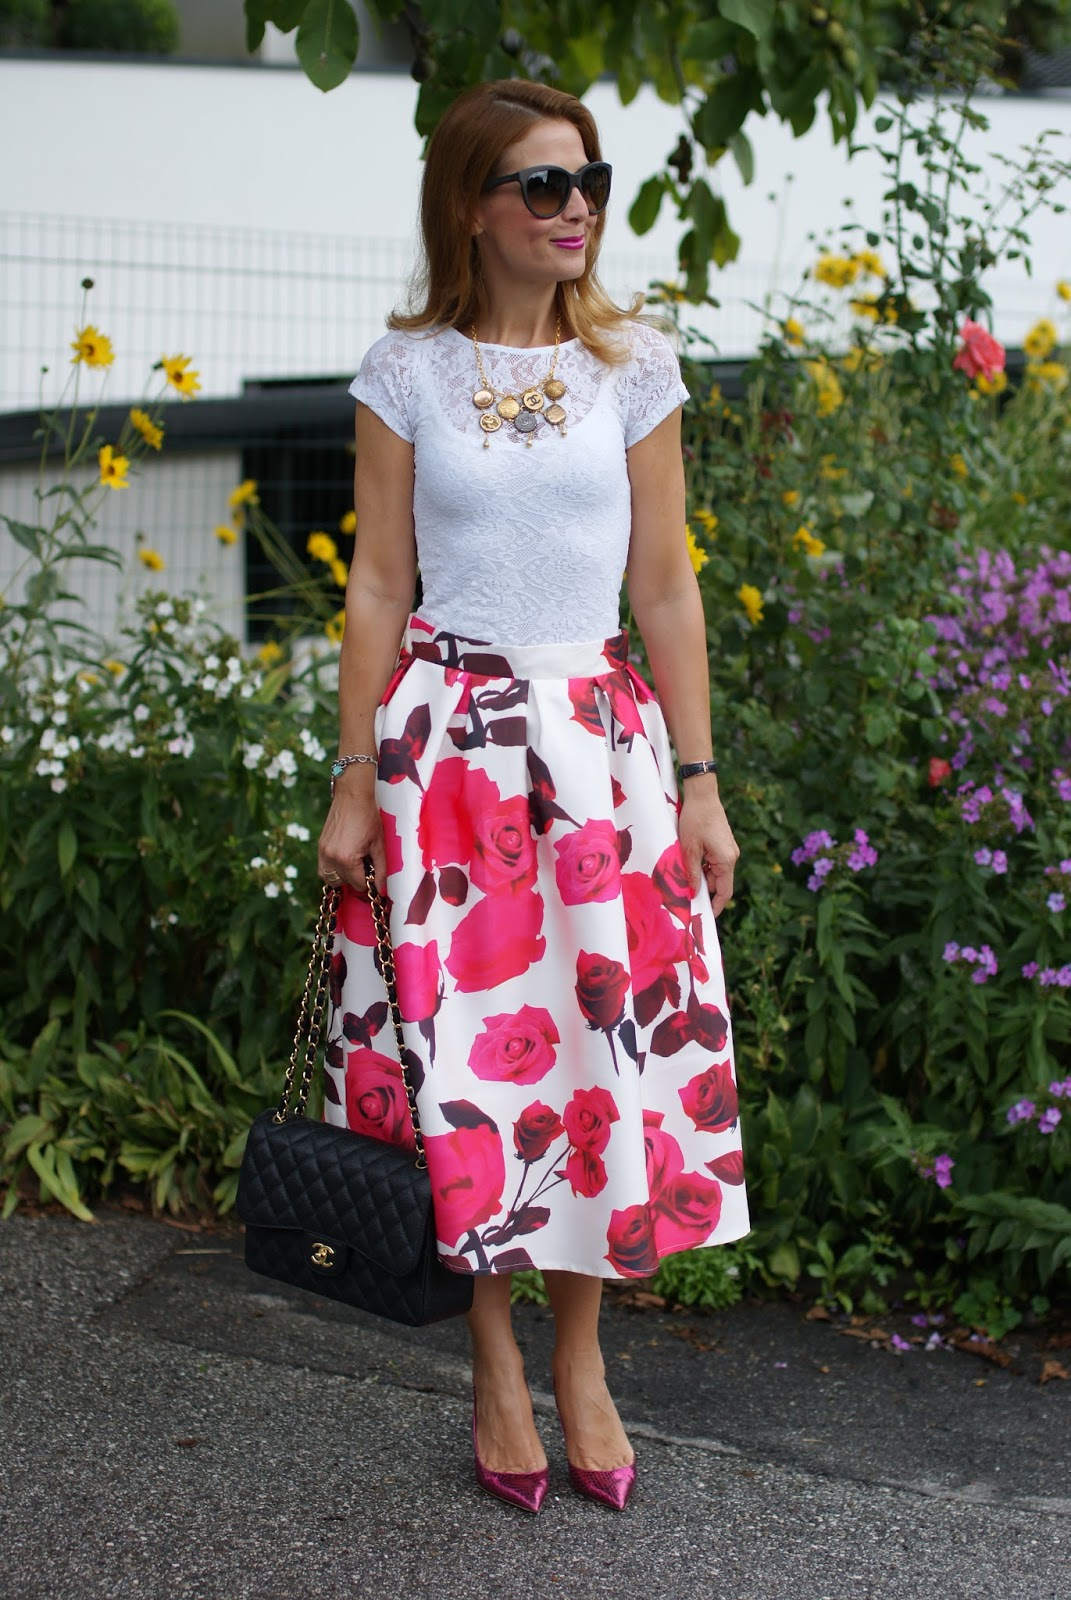 Rosa Secca Cosa Fare rose print midi skirt and chanel bag: romantic outfit